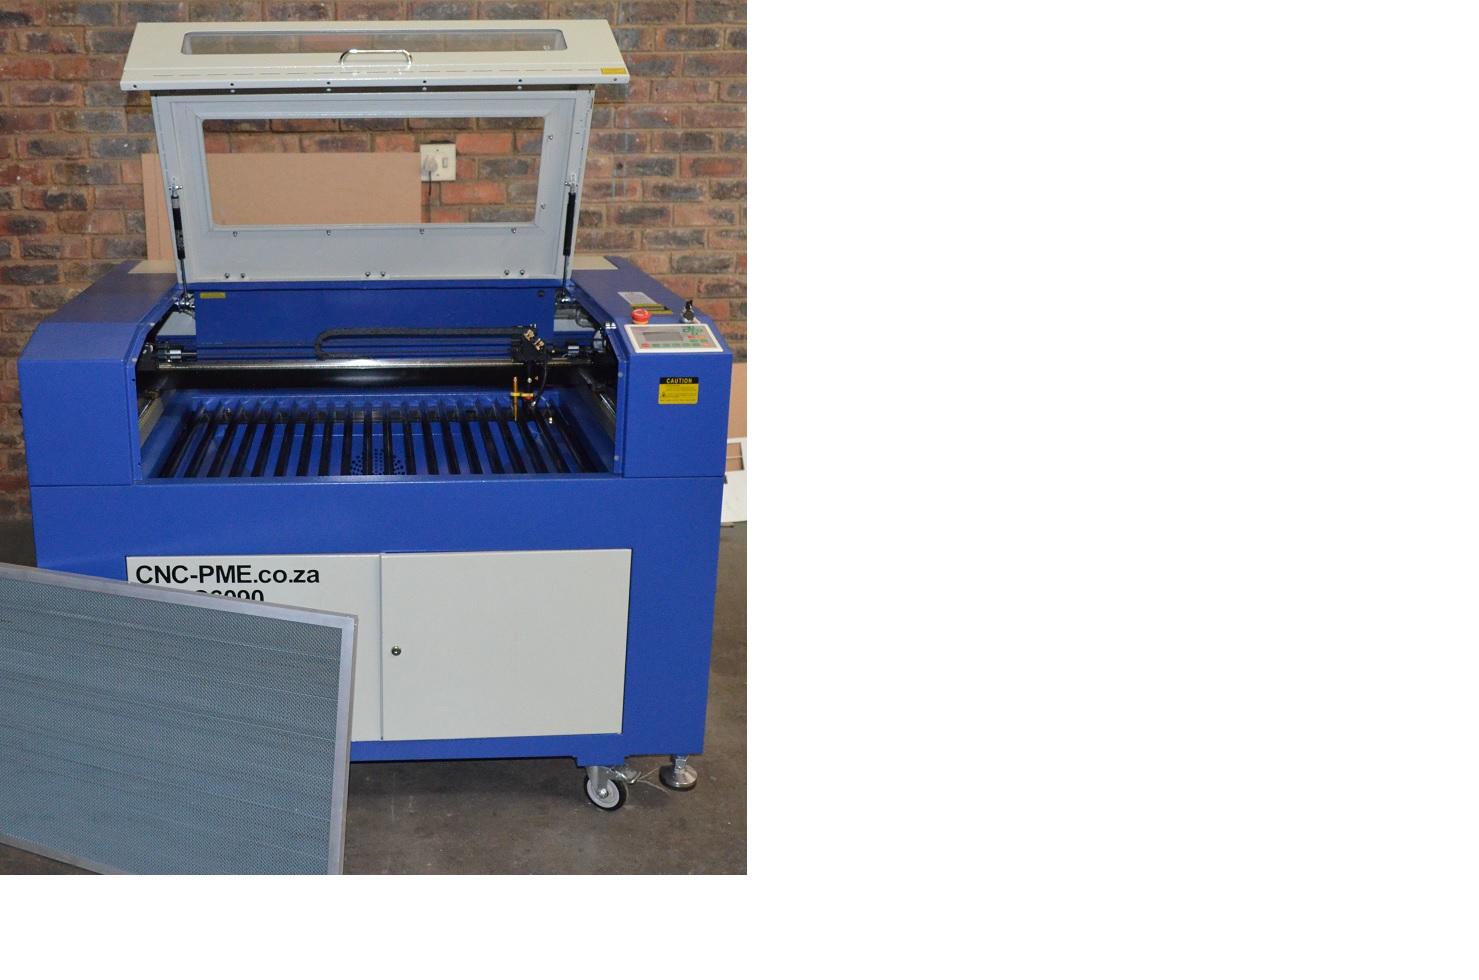 9060 80 watt laser cutter and Engraver